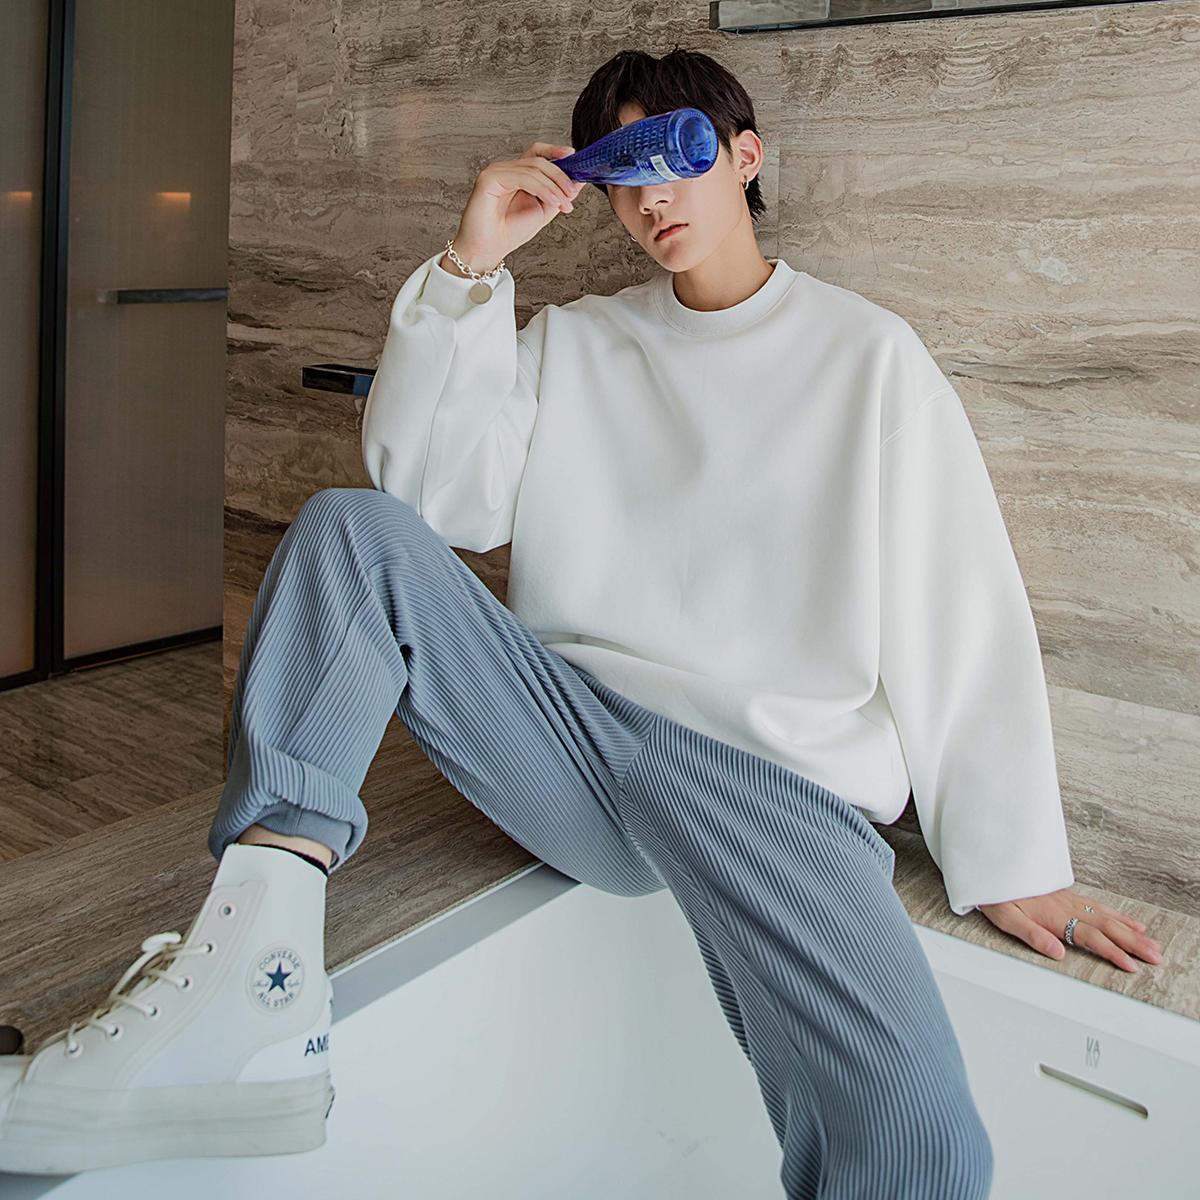 x  联名设计感上衣白色圆领裂痕卫衣男 ERRO CHENGGUANG WANG CHIC